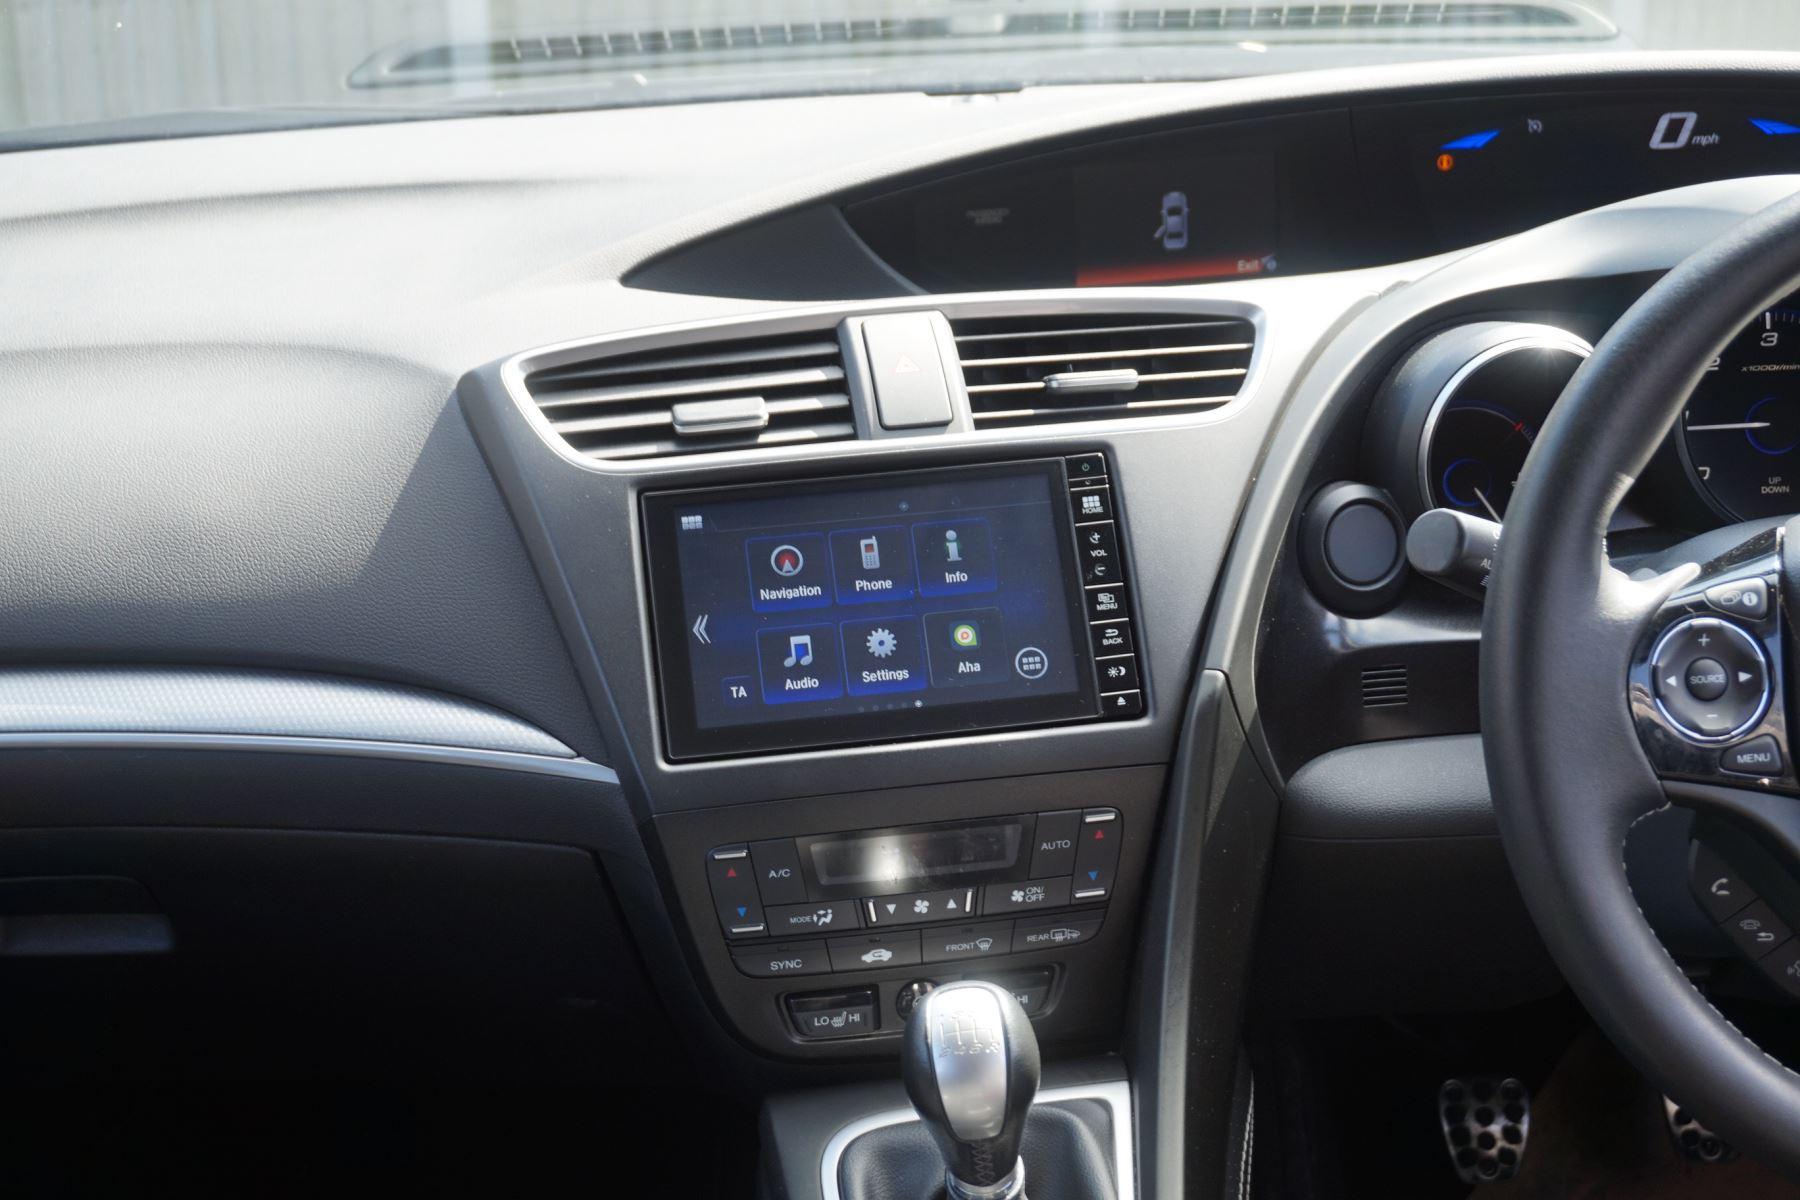 Honda Civic 1.6 i-DTEC SR 5dr image 9